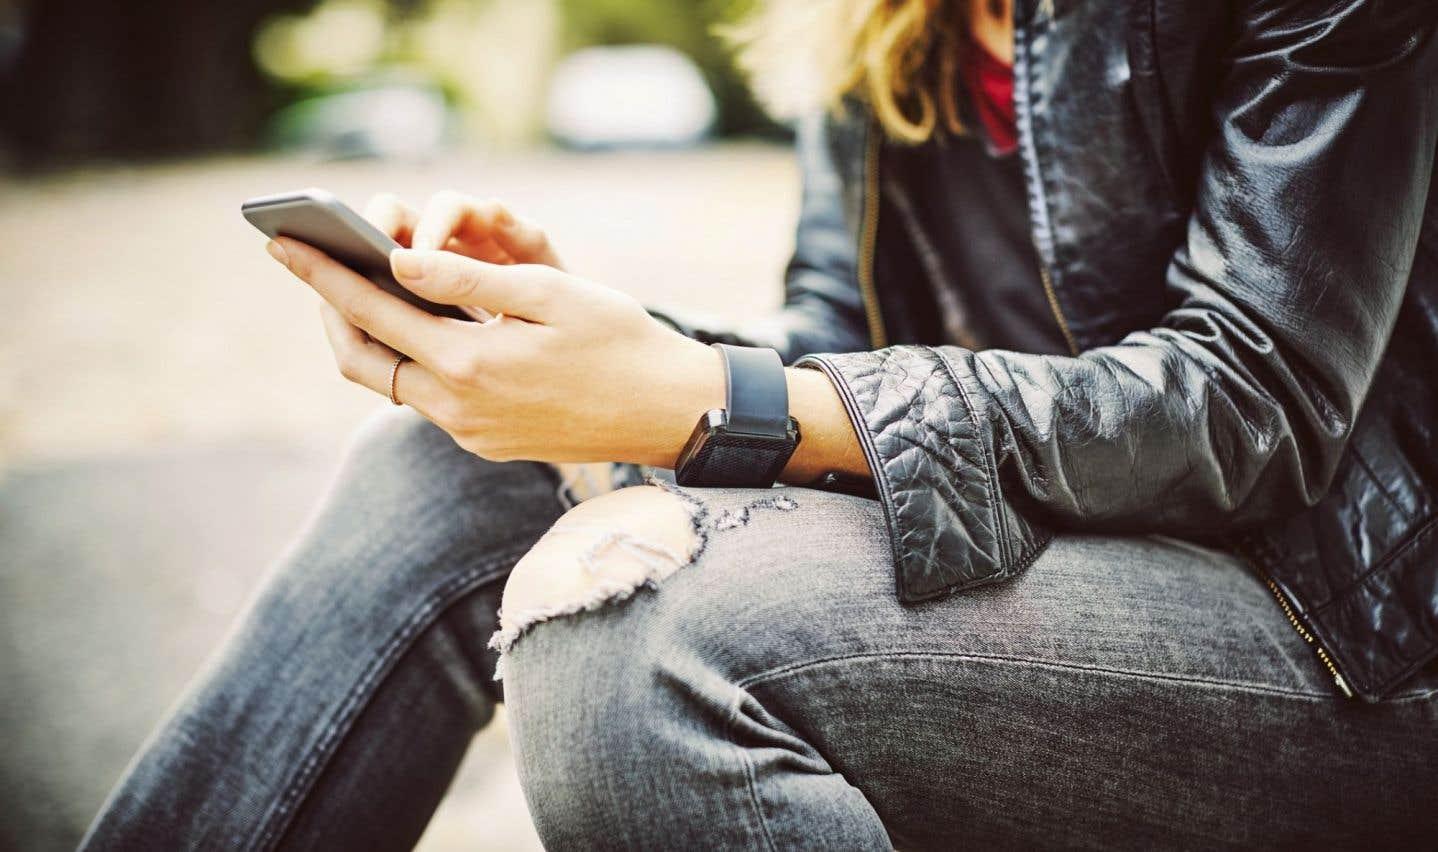 Une étude québécoise confirme la place centrale de Facebook pour s'informer